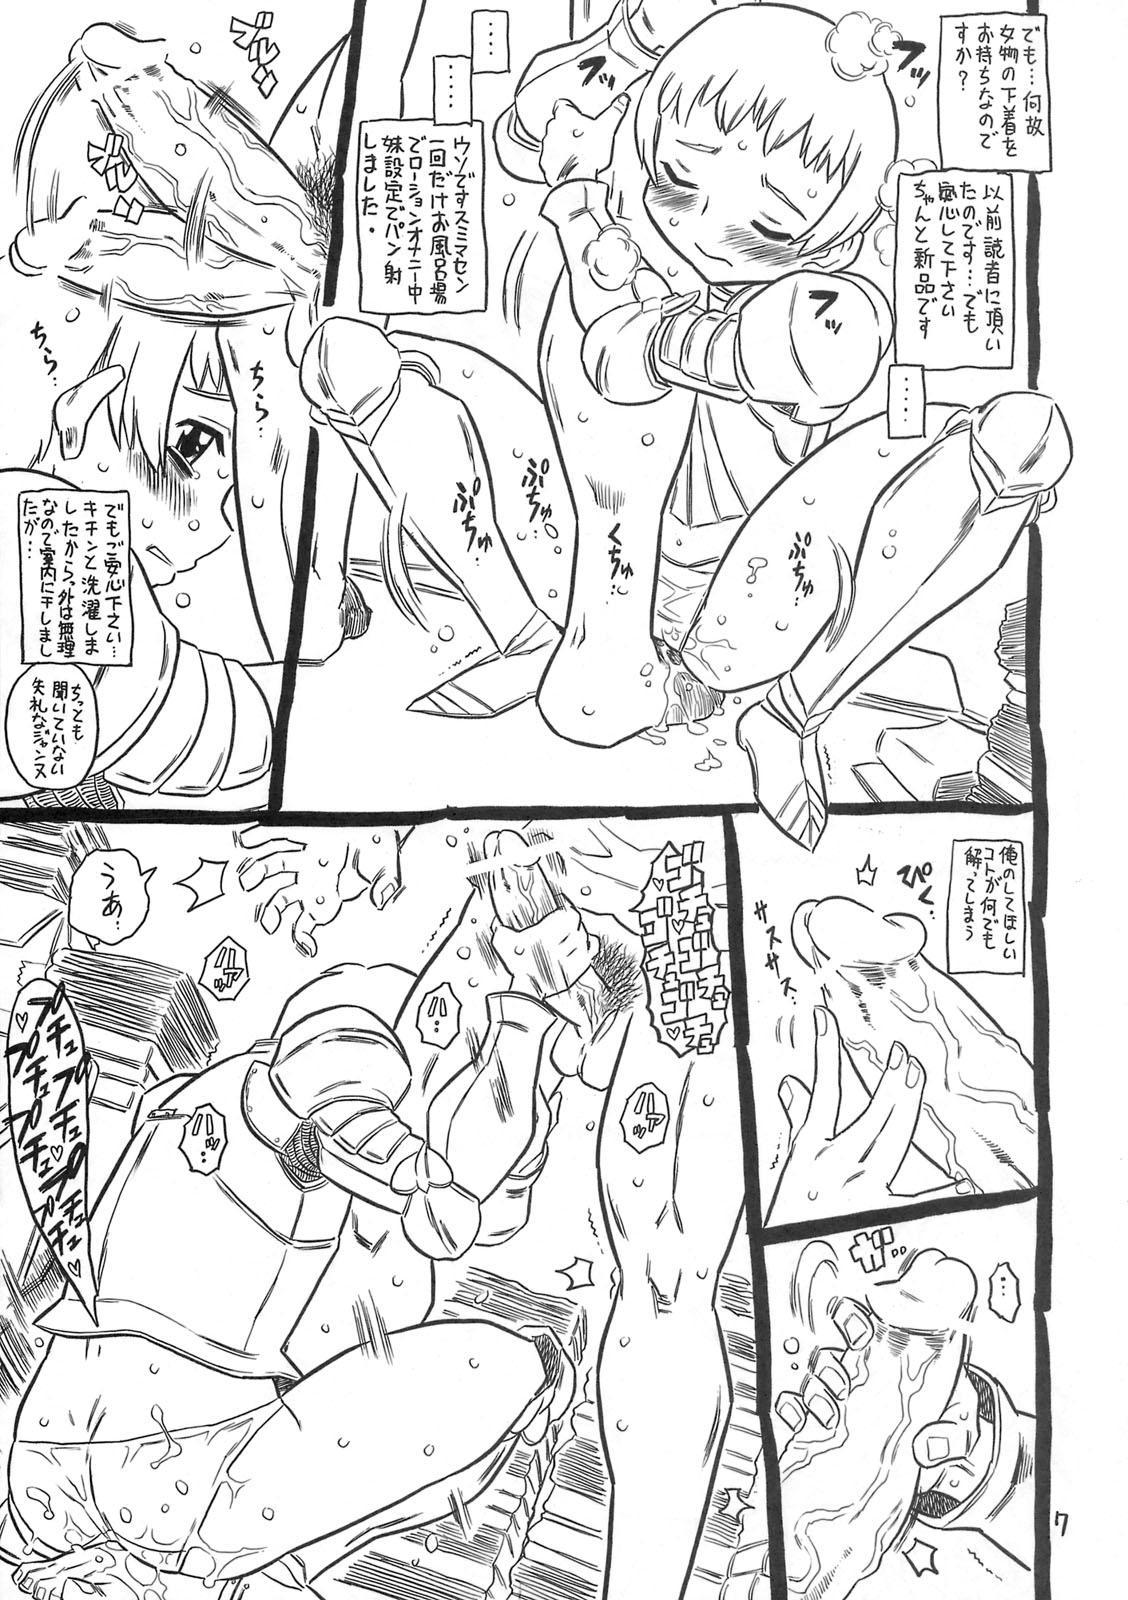 mayaonaka ni tengoku kara ero manga ke shibou no jannu-daruku ga yatteki te chiku 35 5